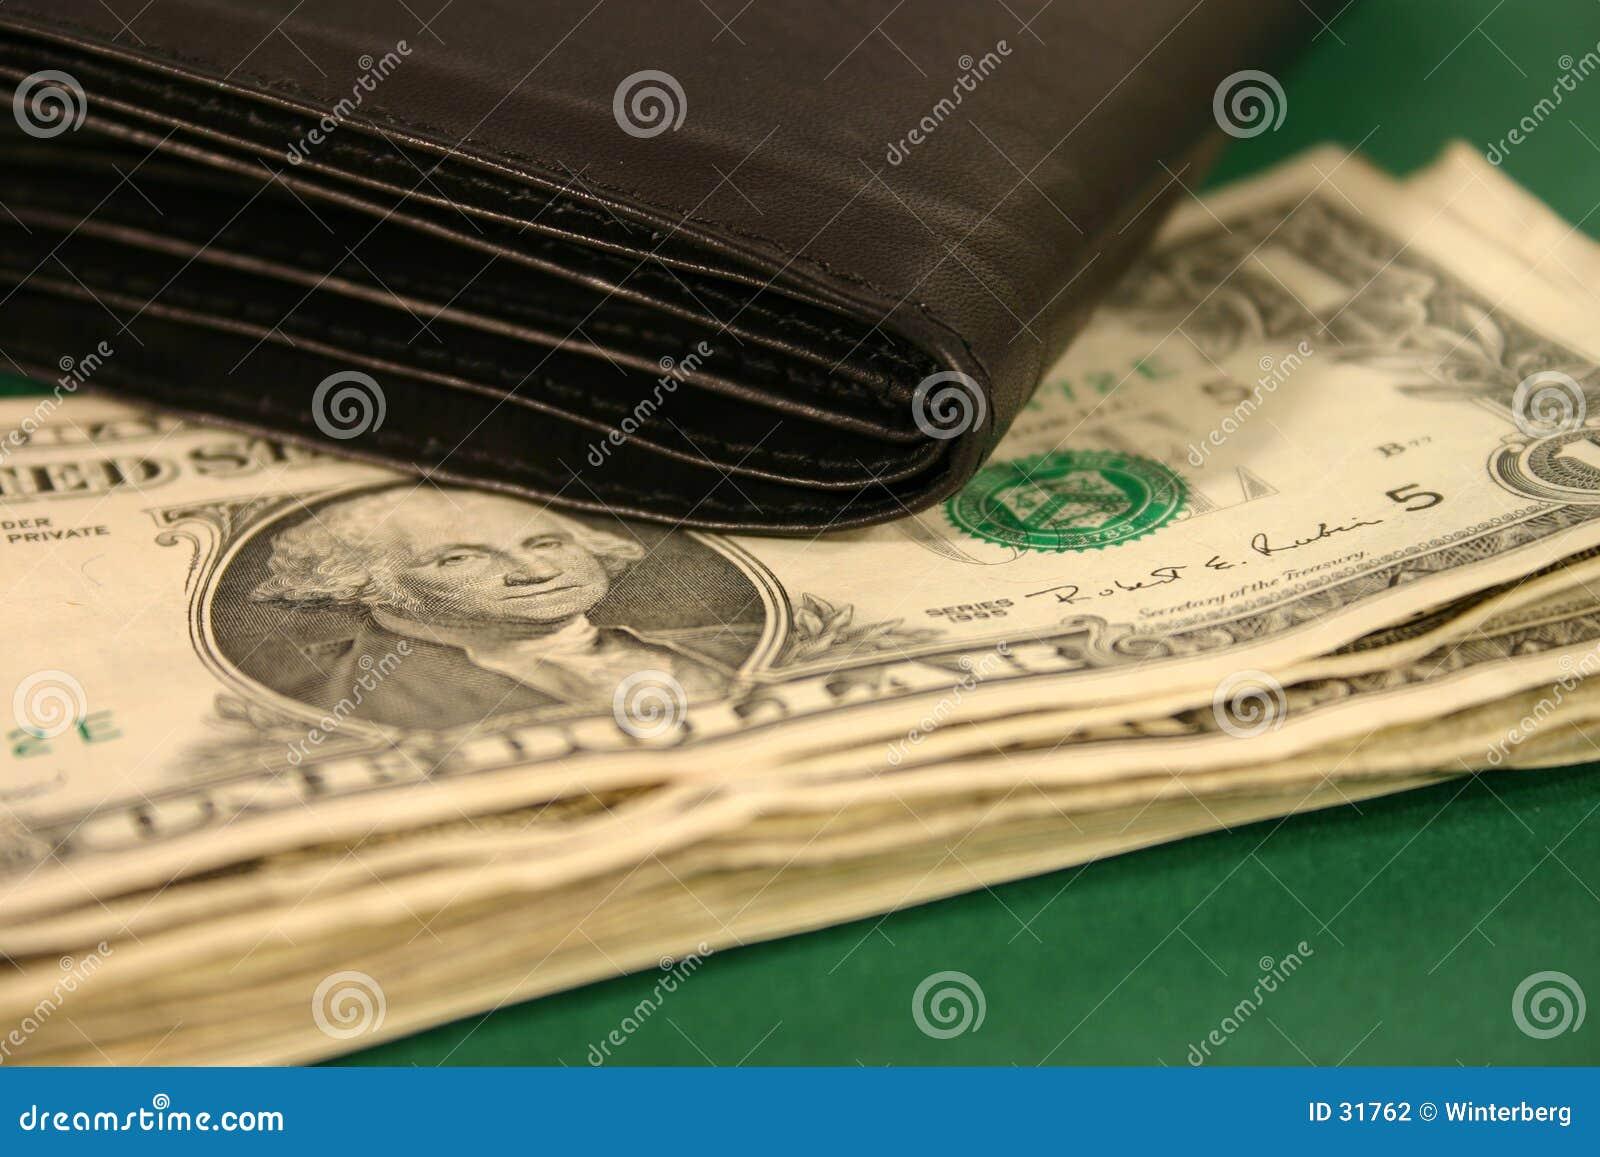 Ii货币钱包